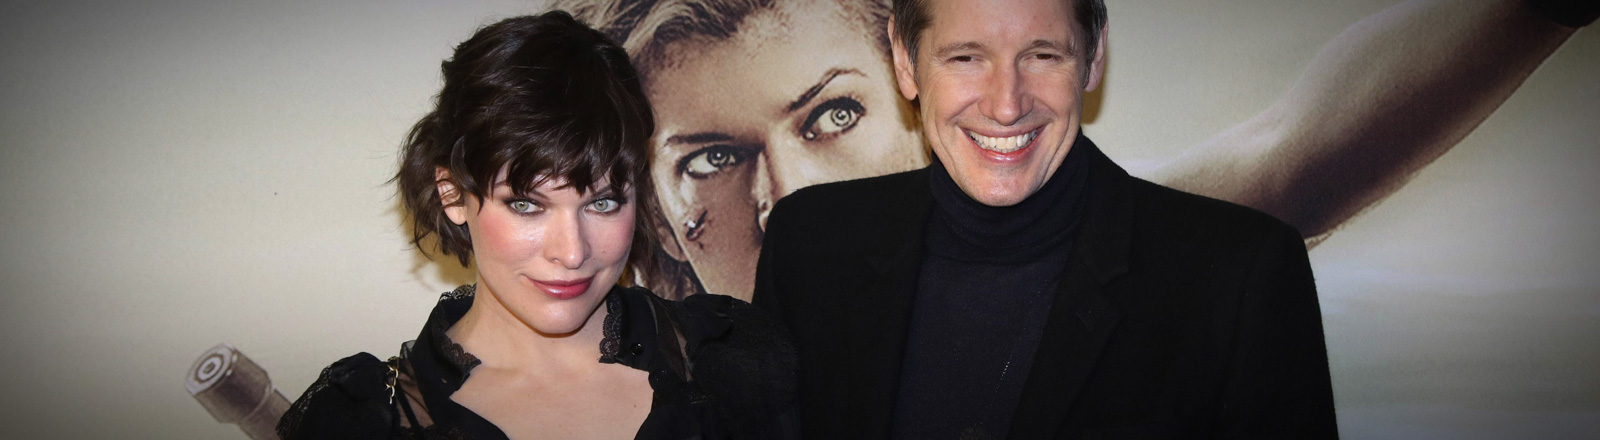 Milla Jovovich und Paul W.S.Anderson